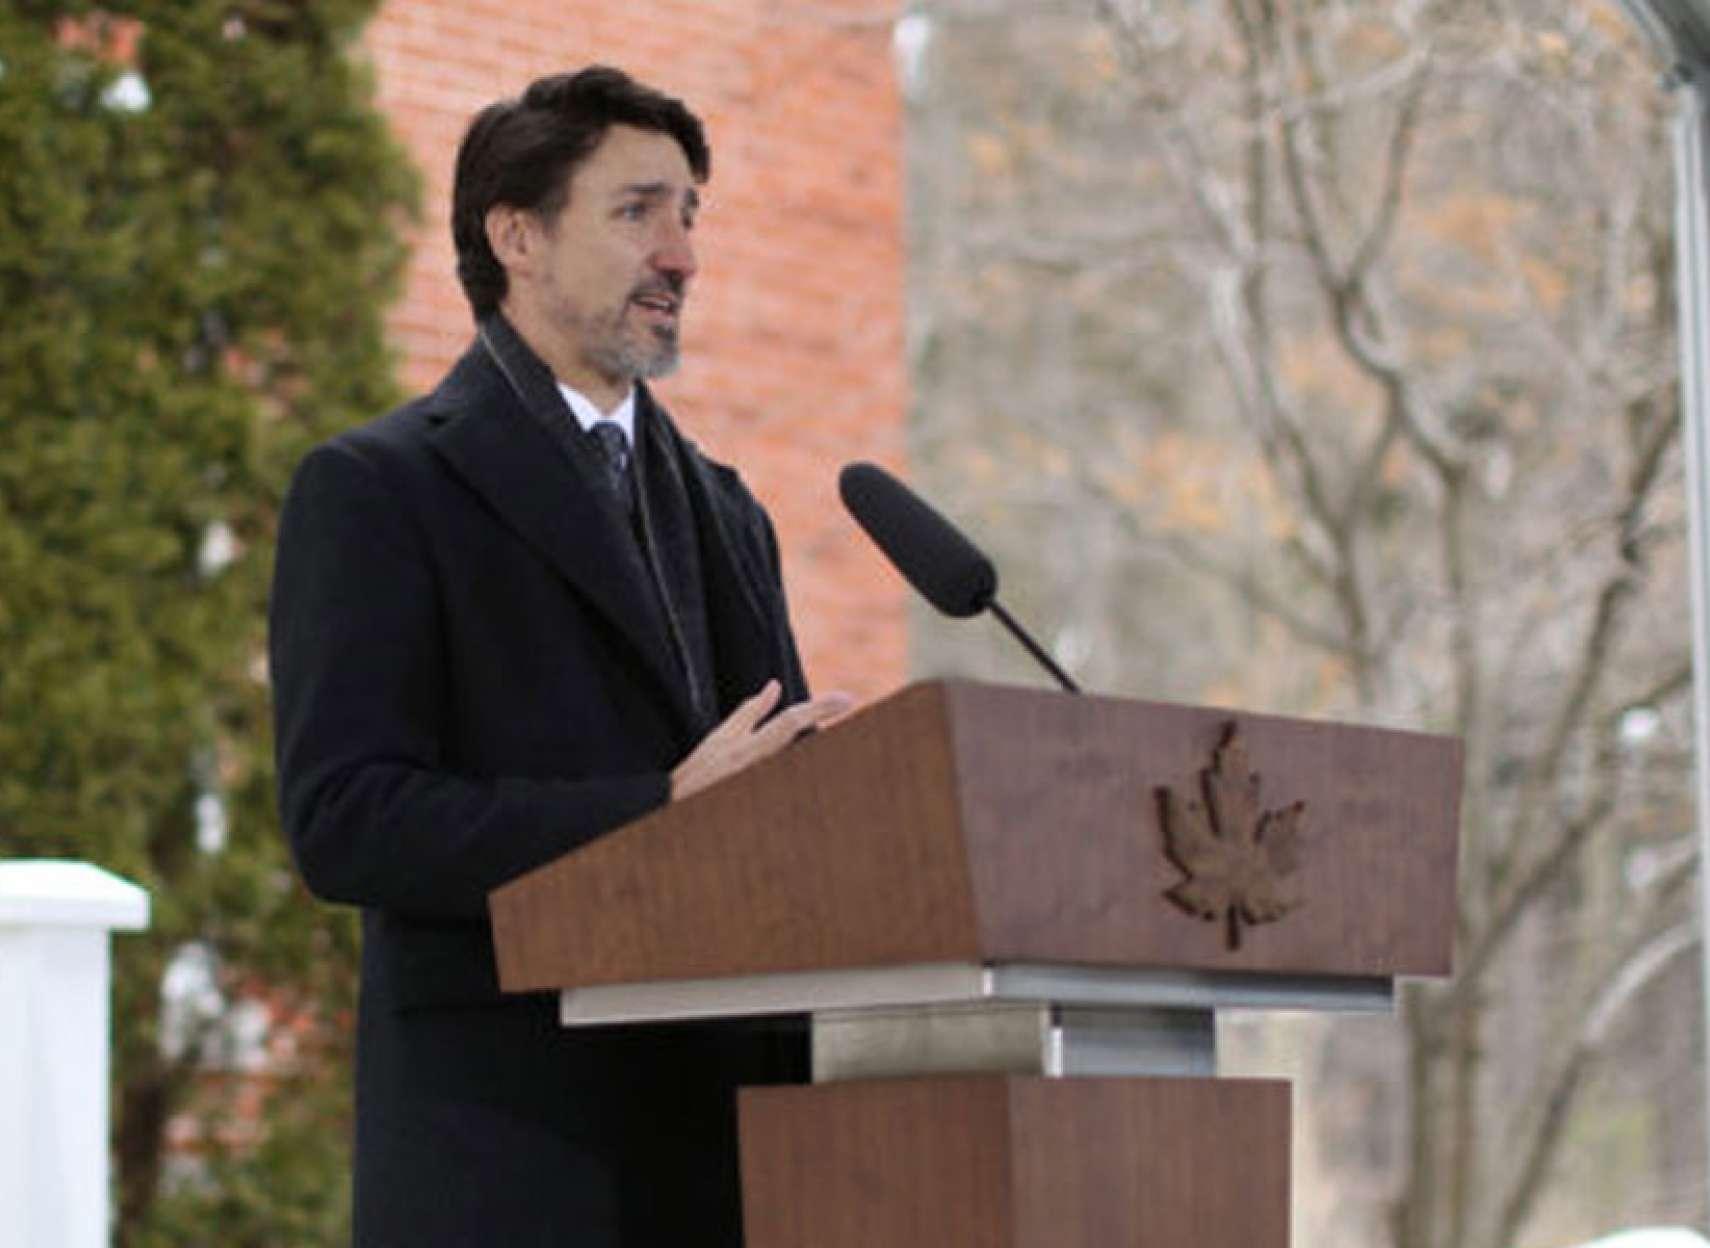 اخبار-کانادا-مرز-به-روی-پناهنده-ها-هم-بسته-شد-نیم-میلیون-نفر-بیمه-بیکاری-درخواست-کردند